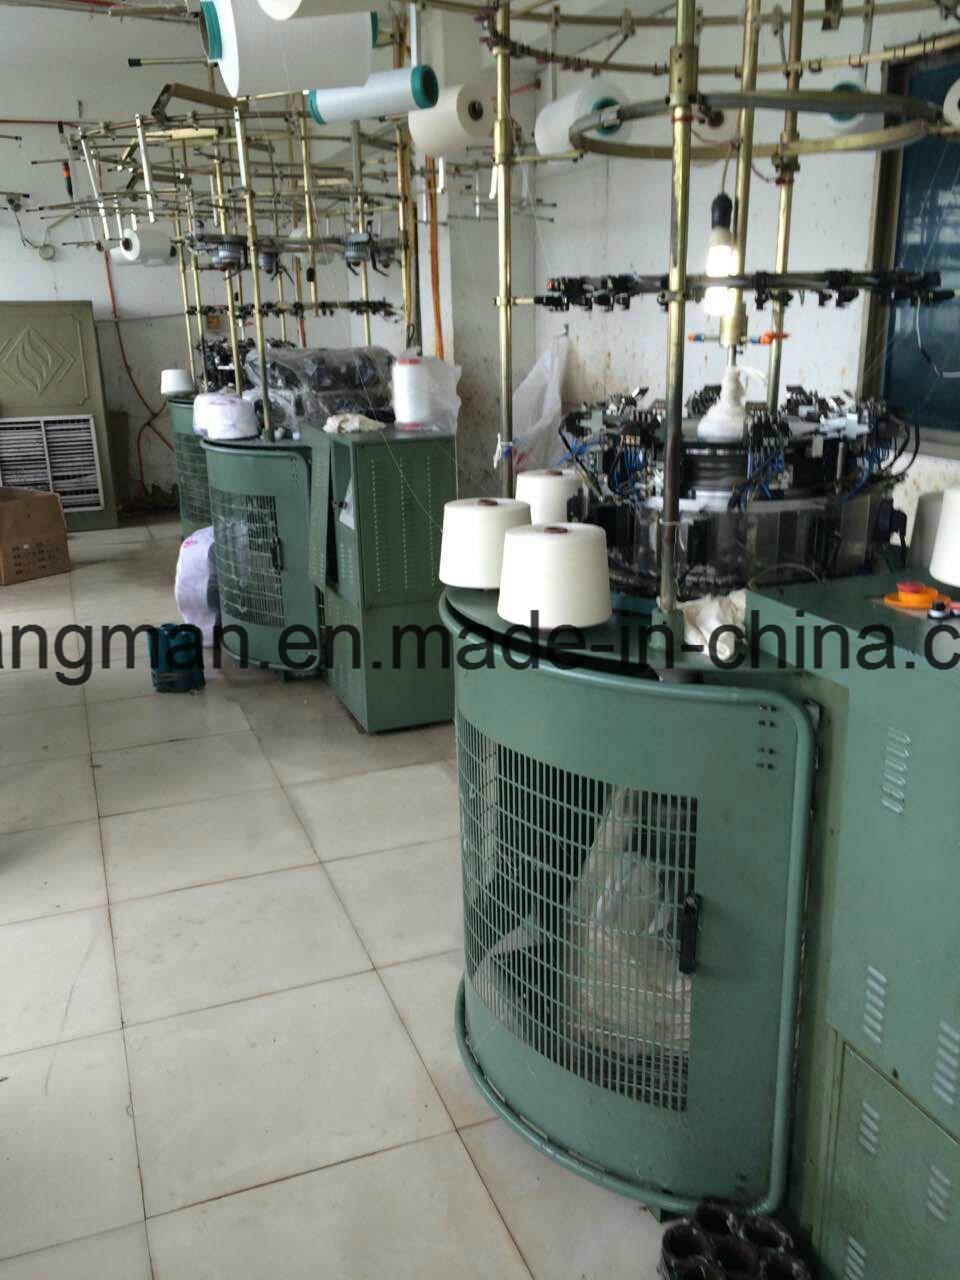 Hyg14-1248n Garments Knitting Machine